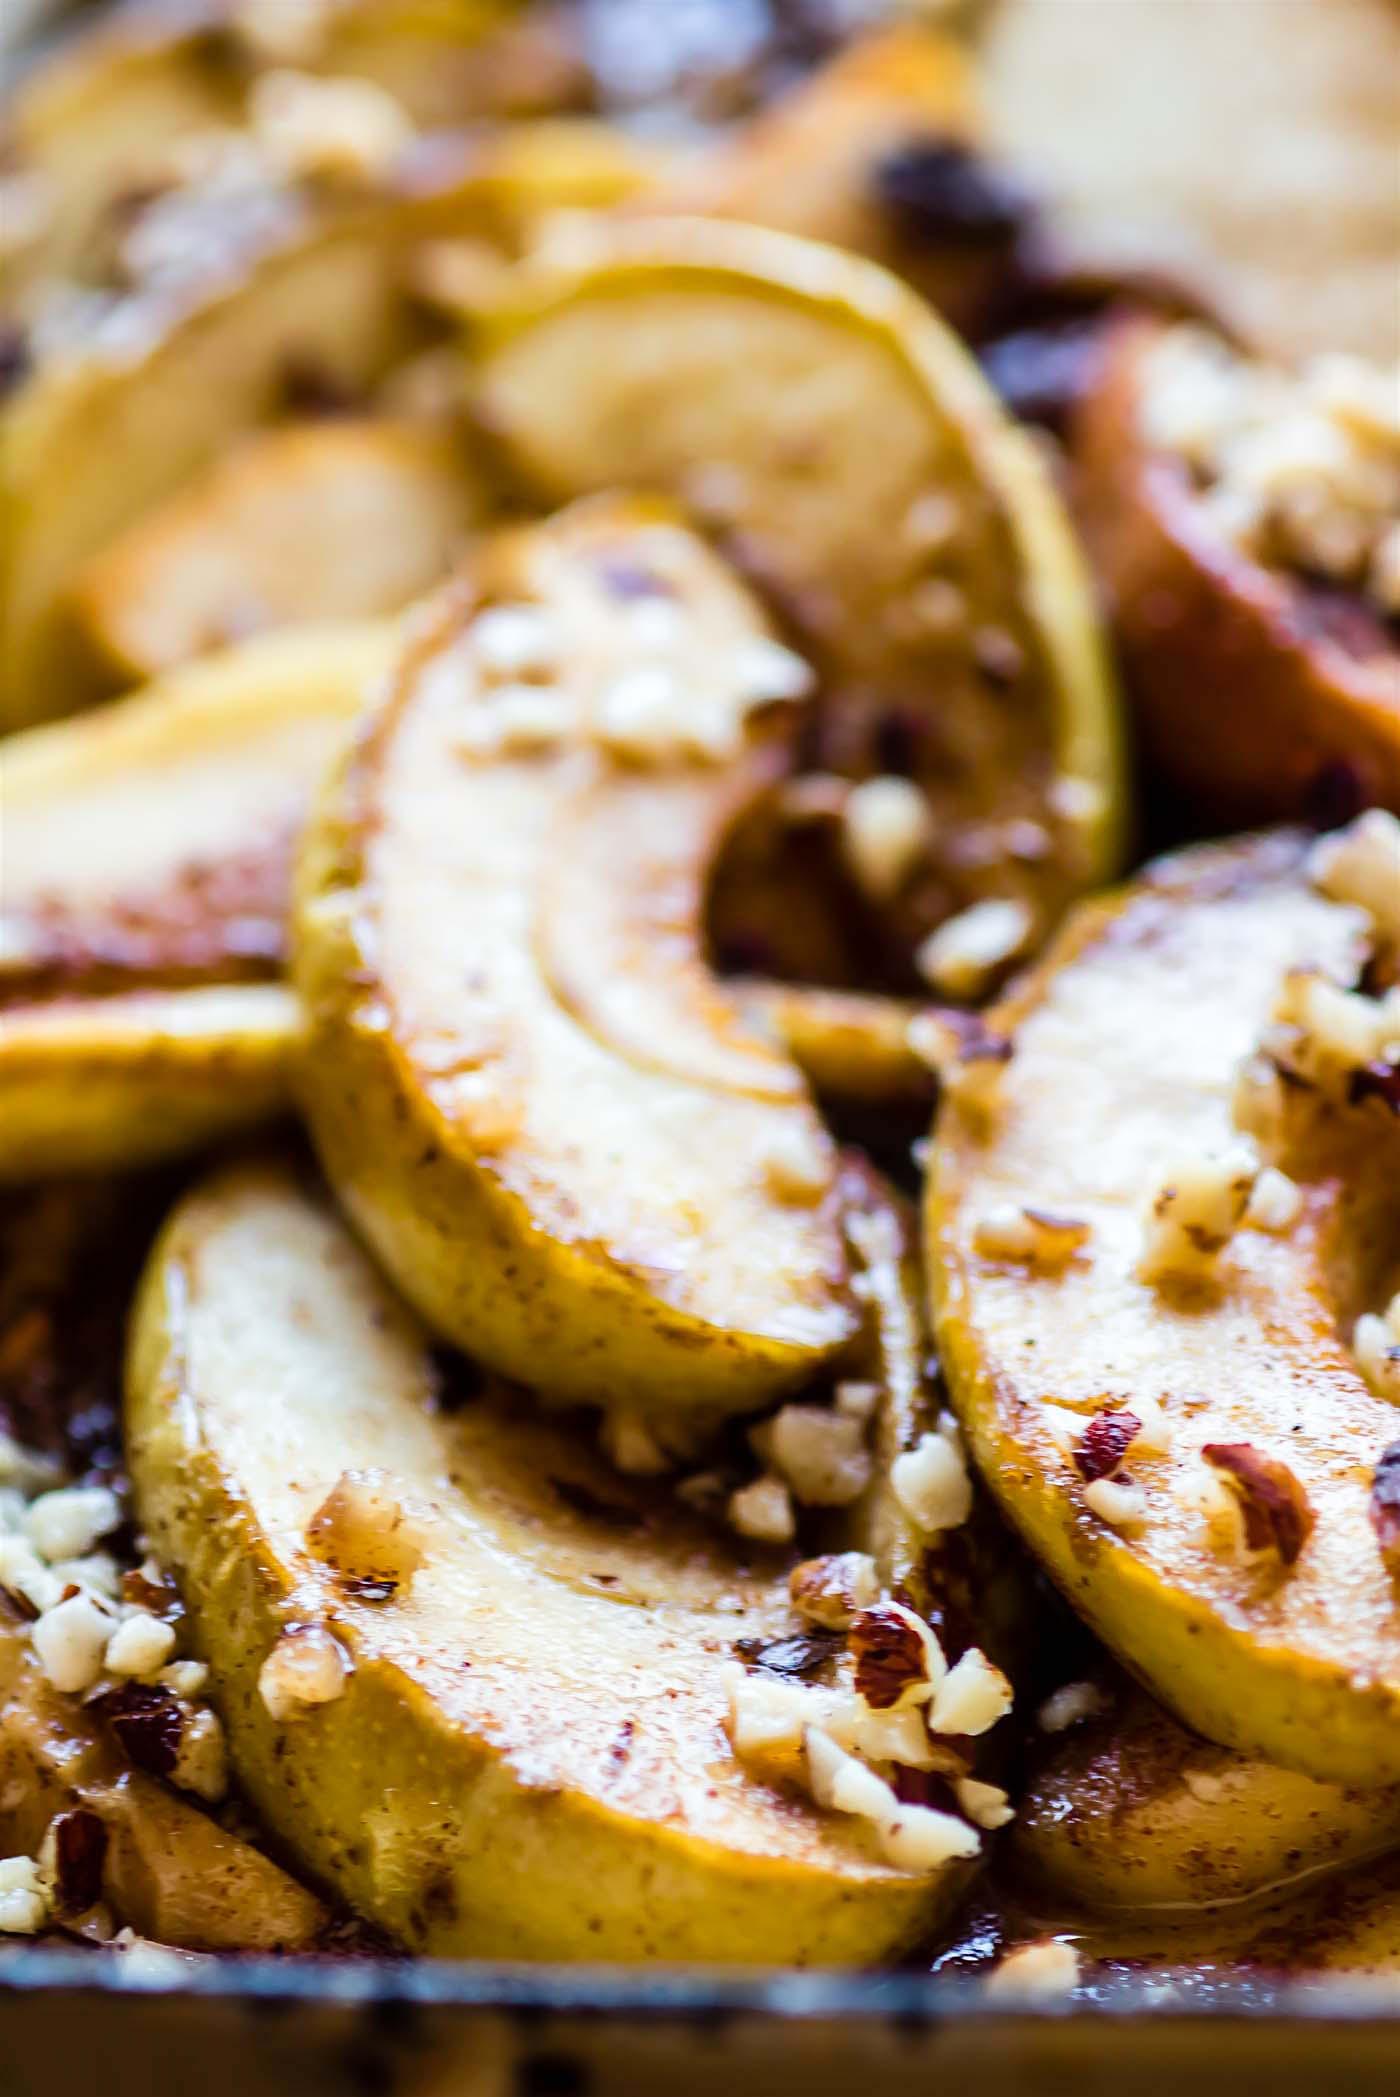 caramelized-apple-cider-hot-fruit-bake-2